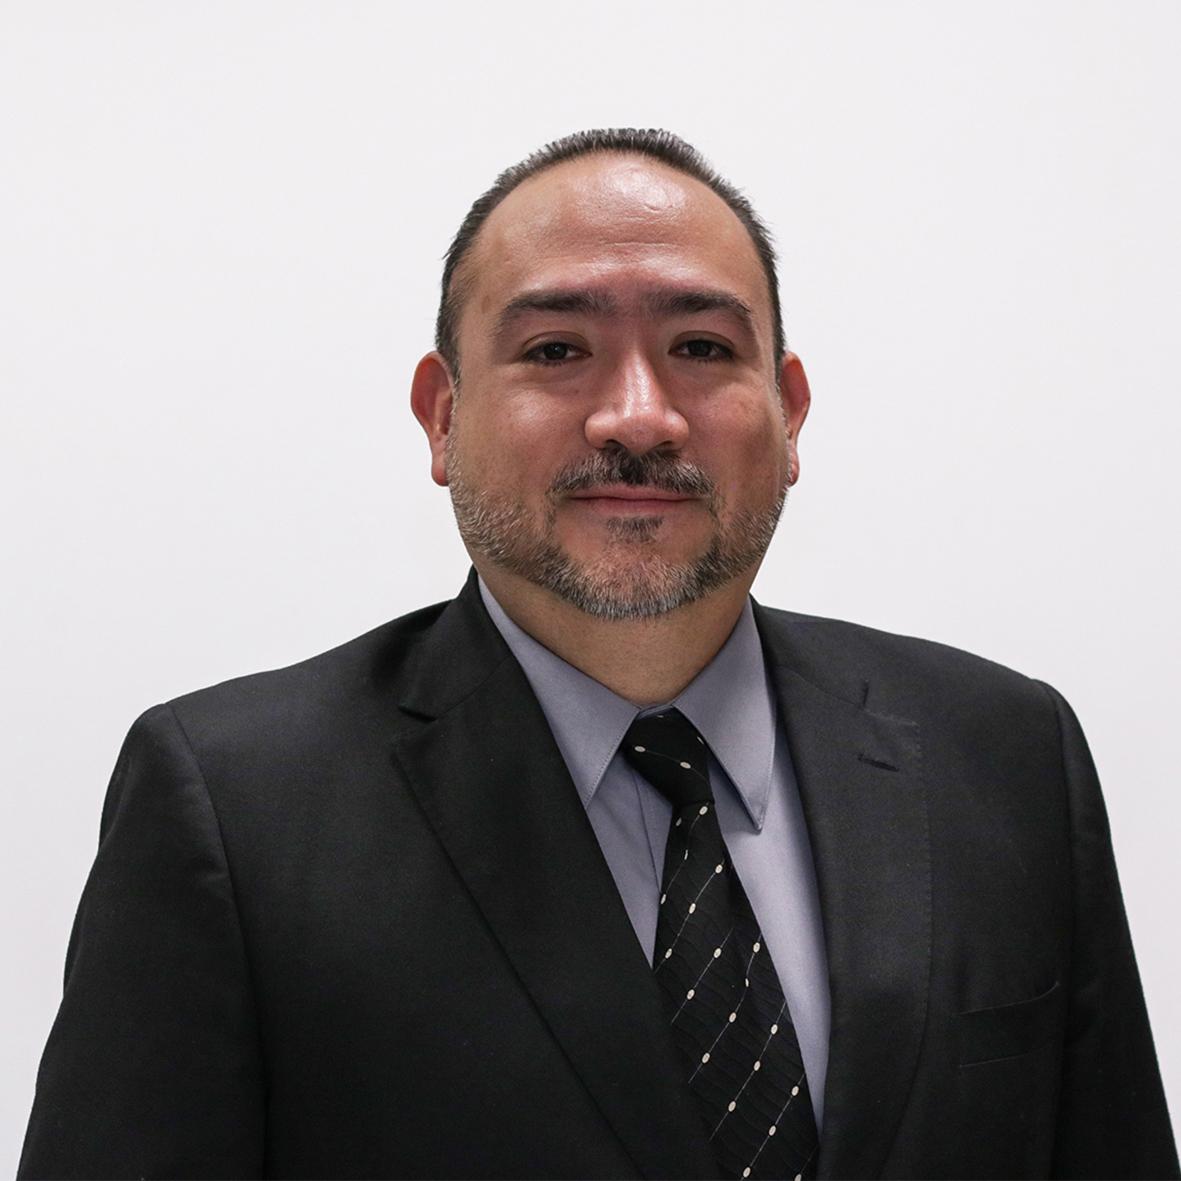 LIC. MIGUEL AUGUSTO GUTIÉRREZ HERNÁNDEZ    Es licenciado en Relaciones Internacionales, egresado de El Colegio de México, con diversos diplomas de posgrado. Actualmente es titular de la Subsecretaría de Promoción Turística en la SECTUR Guanajuato.